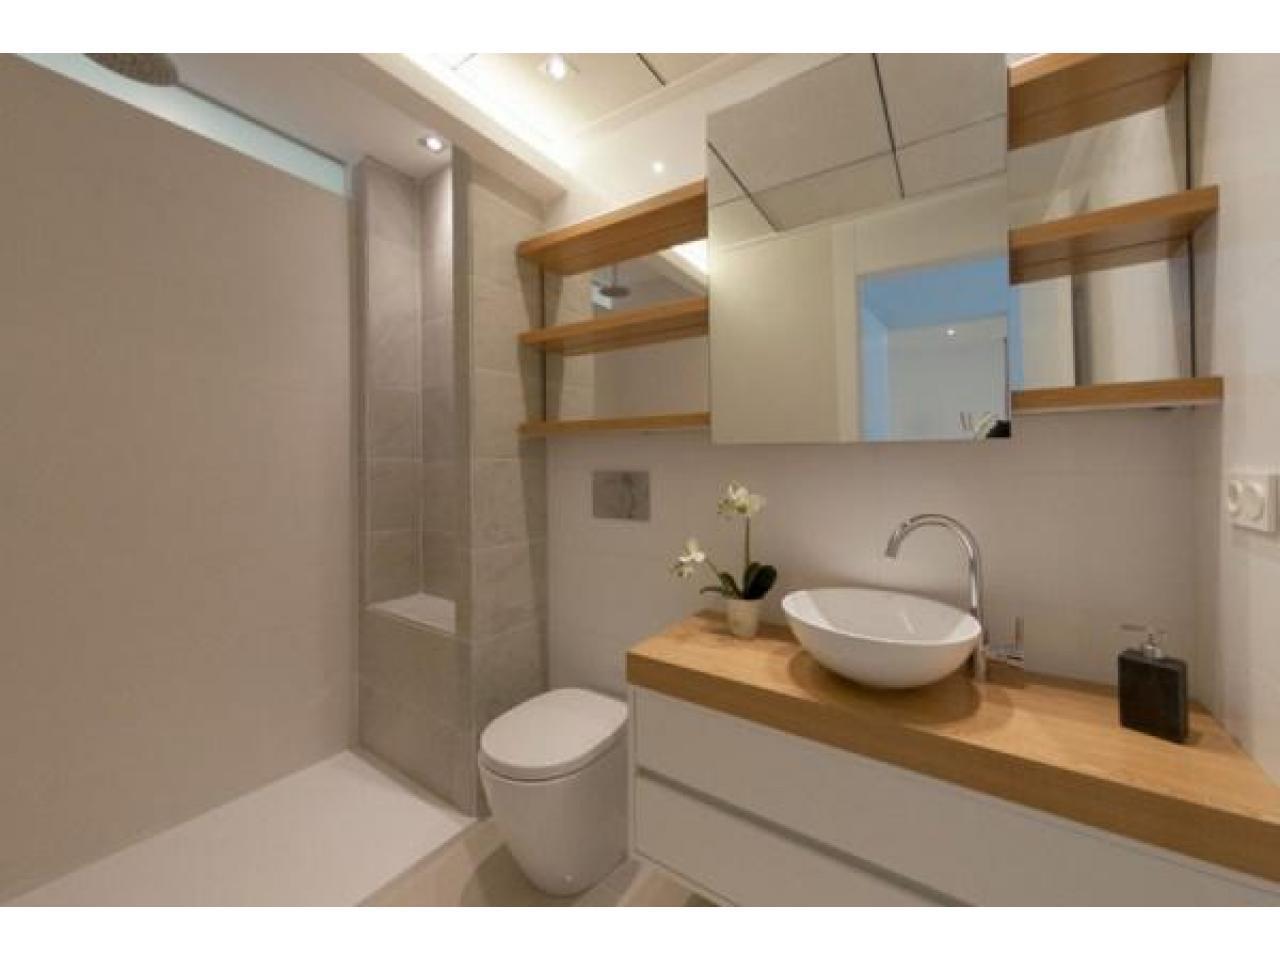 Недвижимость в Испании, Новые бунгало от застройщика в Сьюдад Кесада,Коста Бланка,Испания - 8